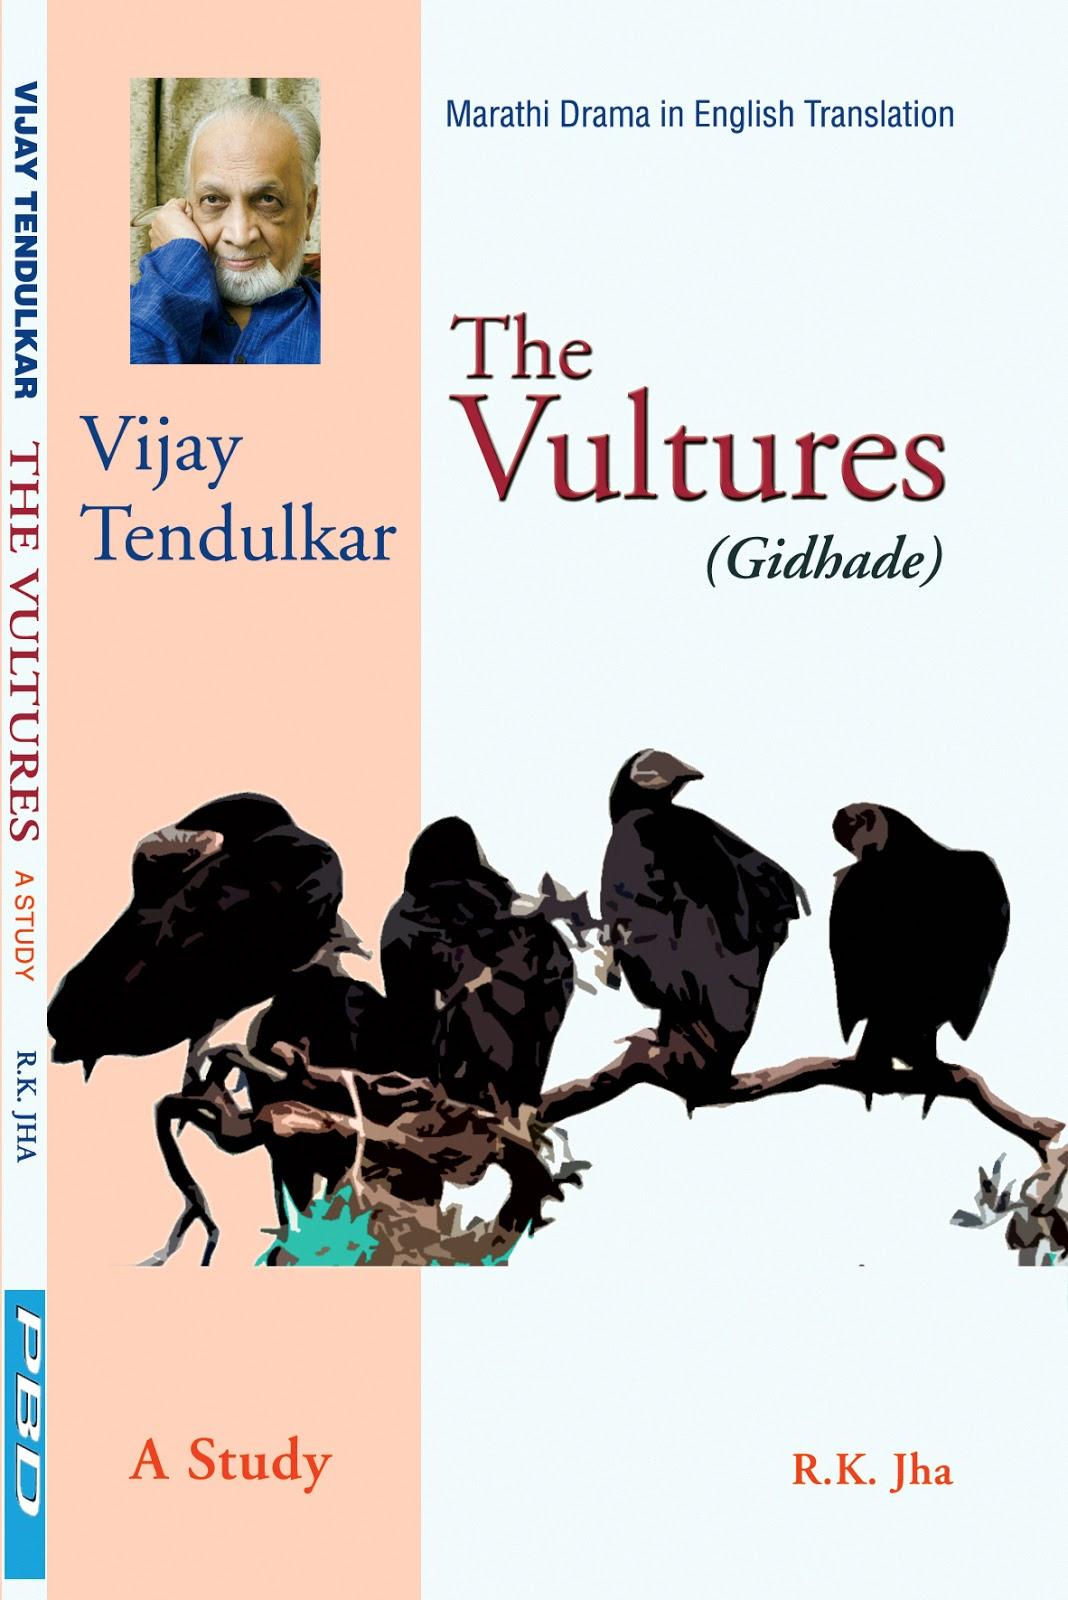 Prakash book depot bareilly views and news vijay tendulkar the vultures gidhade fandeluxe Images